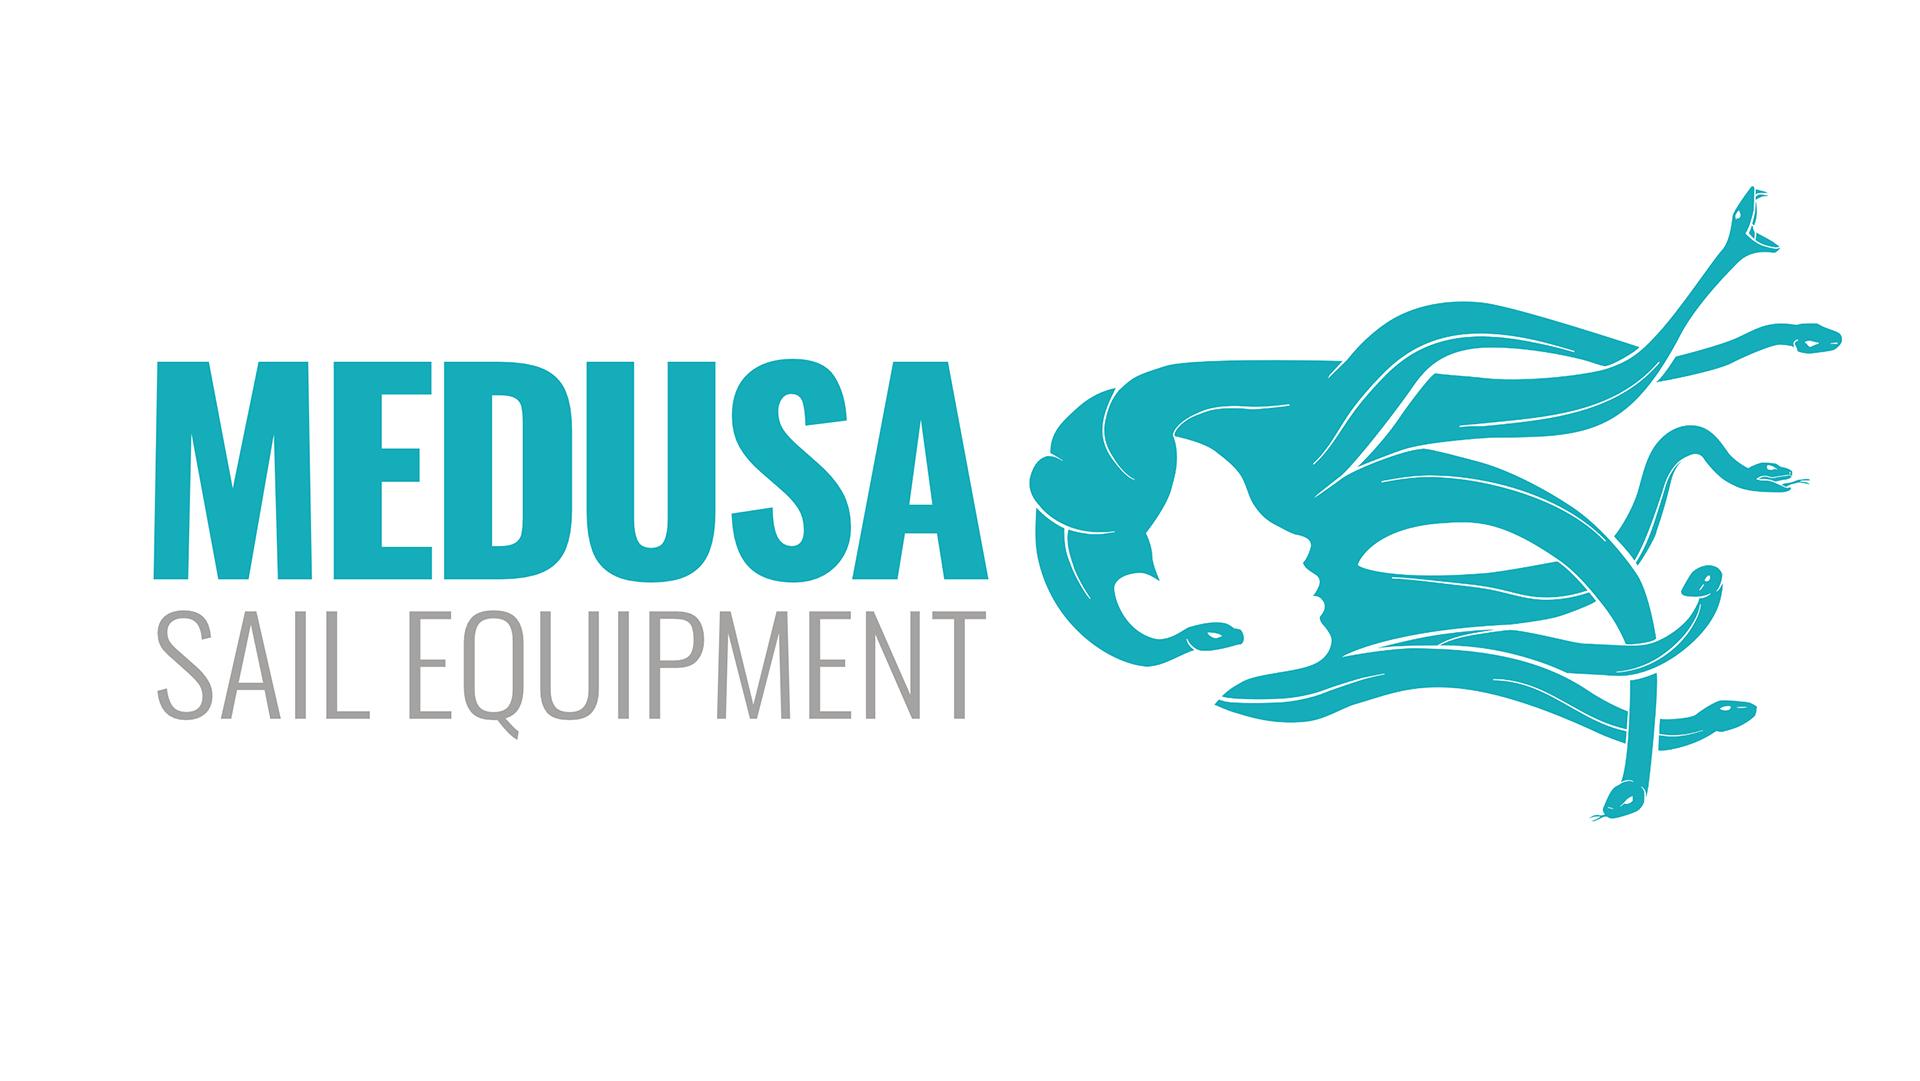 Diseño gráfico-marca-logotipo de Medusa Sail Equipment-Mallorca